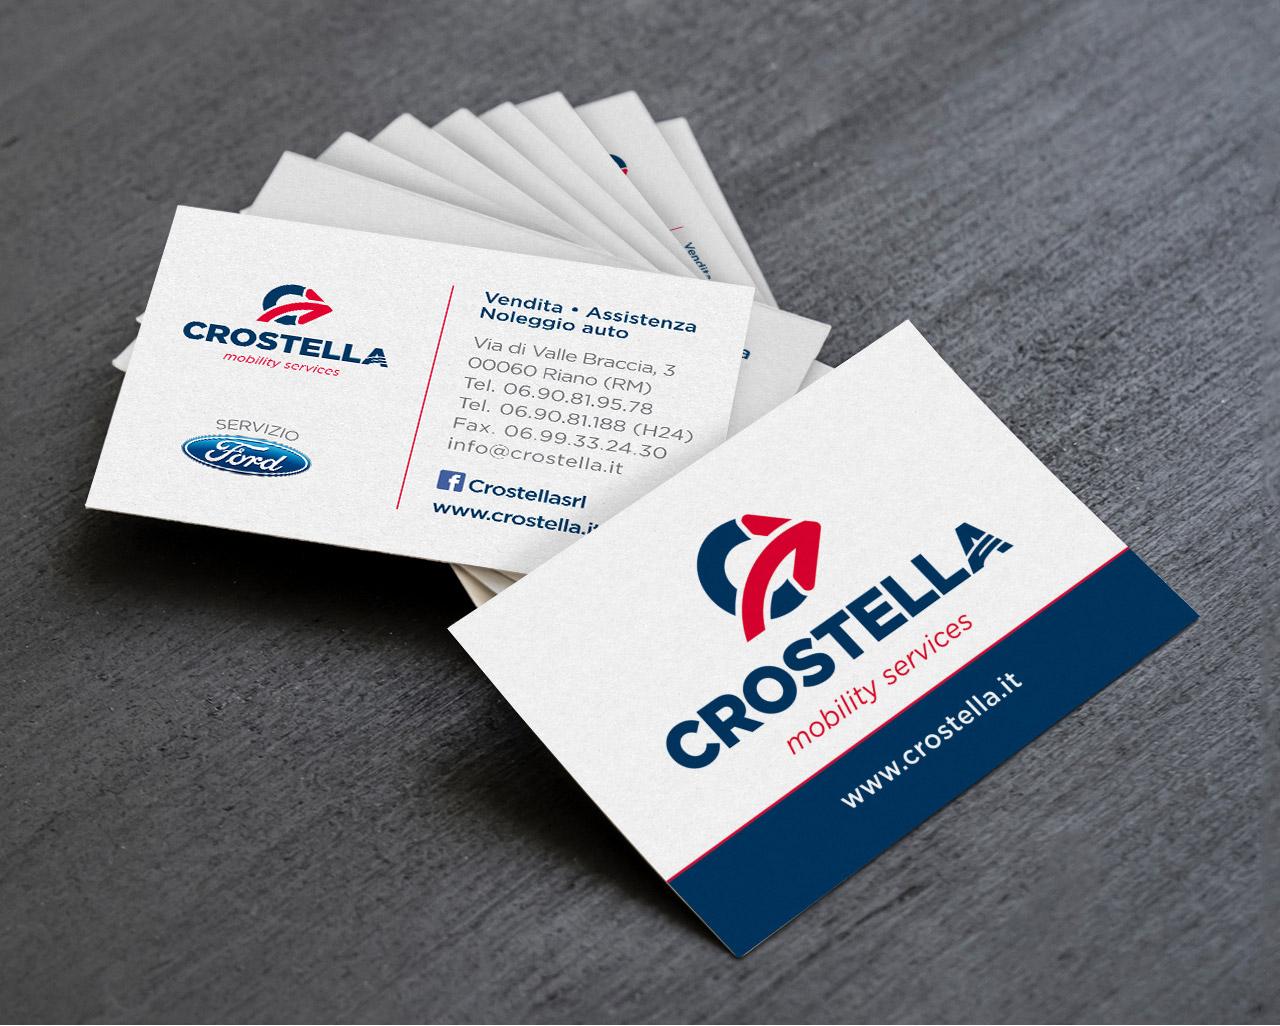 crostella mobility services riano biglietti da visita graphid